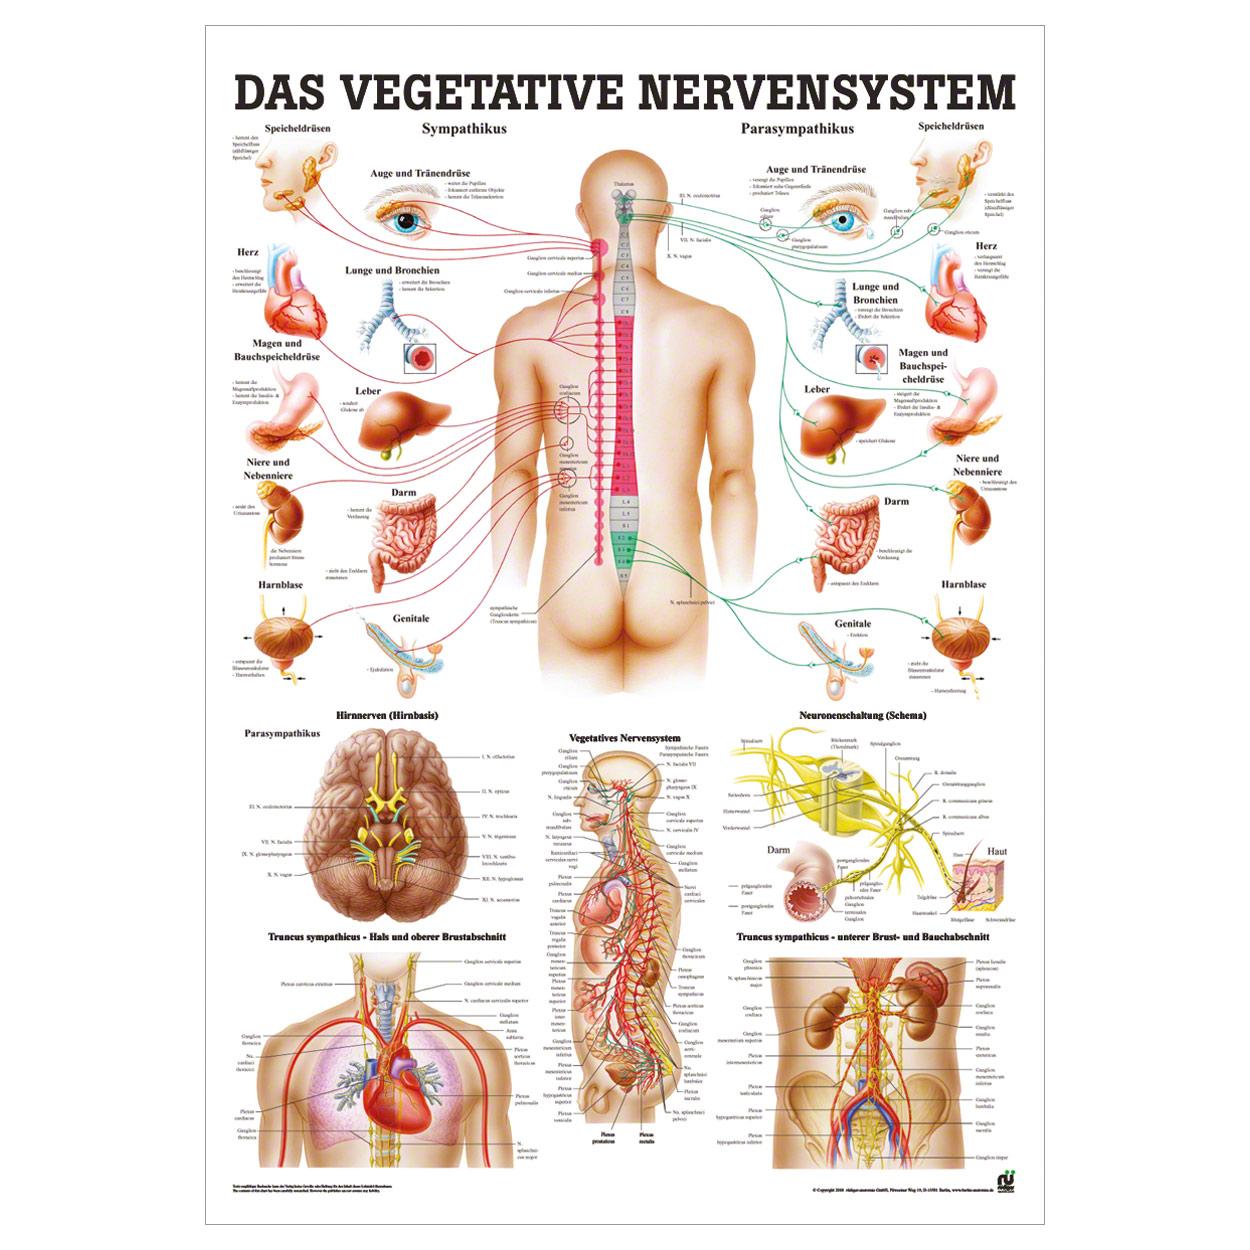 Wunderbar Bauchspeicheldrüse Bilder Anatomie Fotos - Menschliche ...